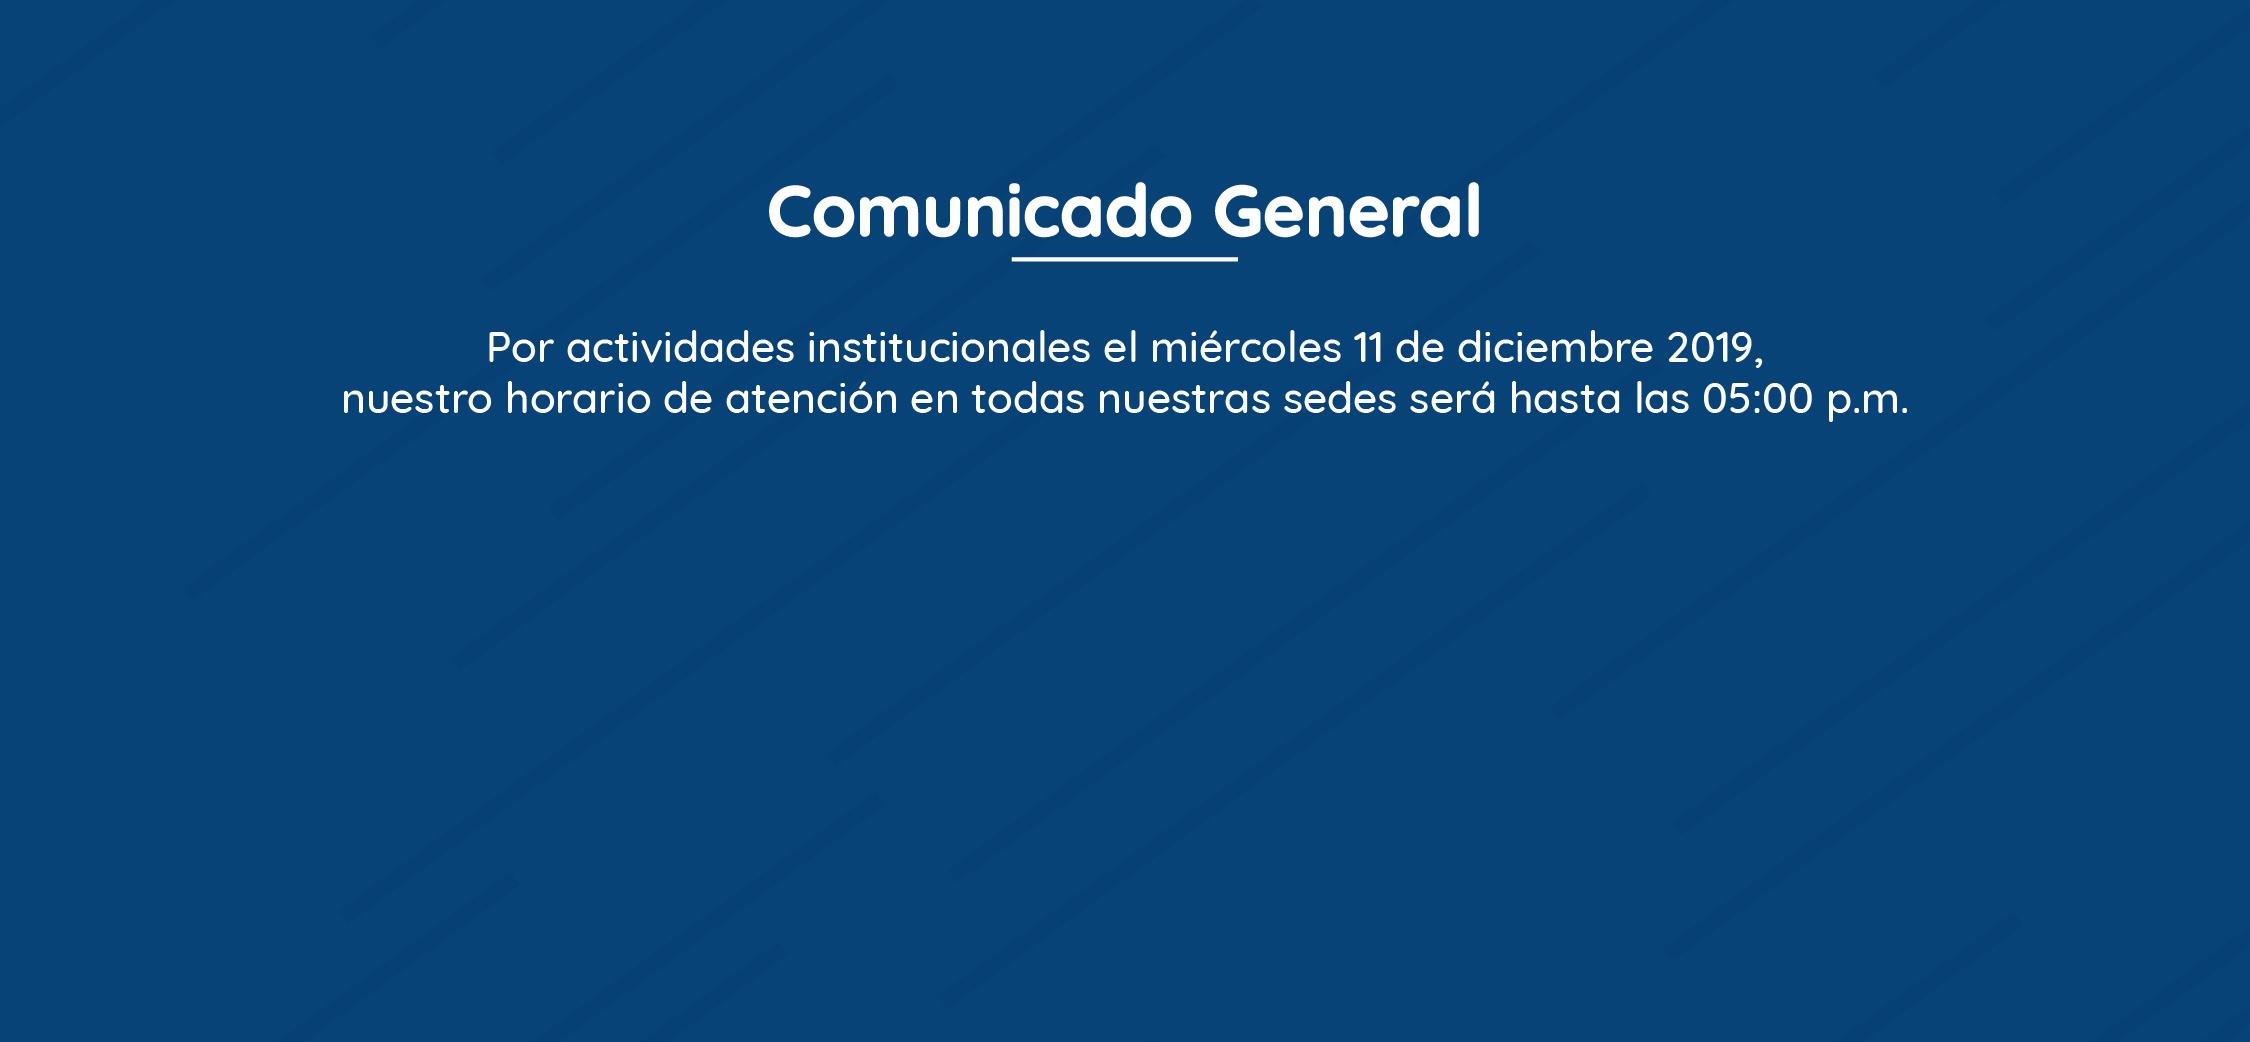 Comunicado_general_slide-01